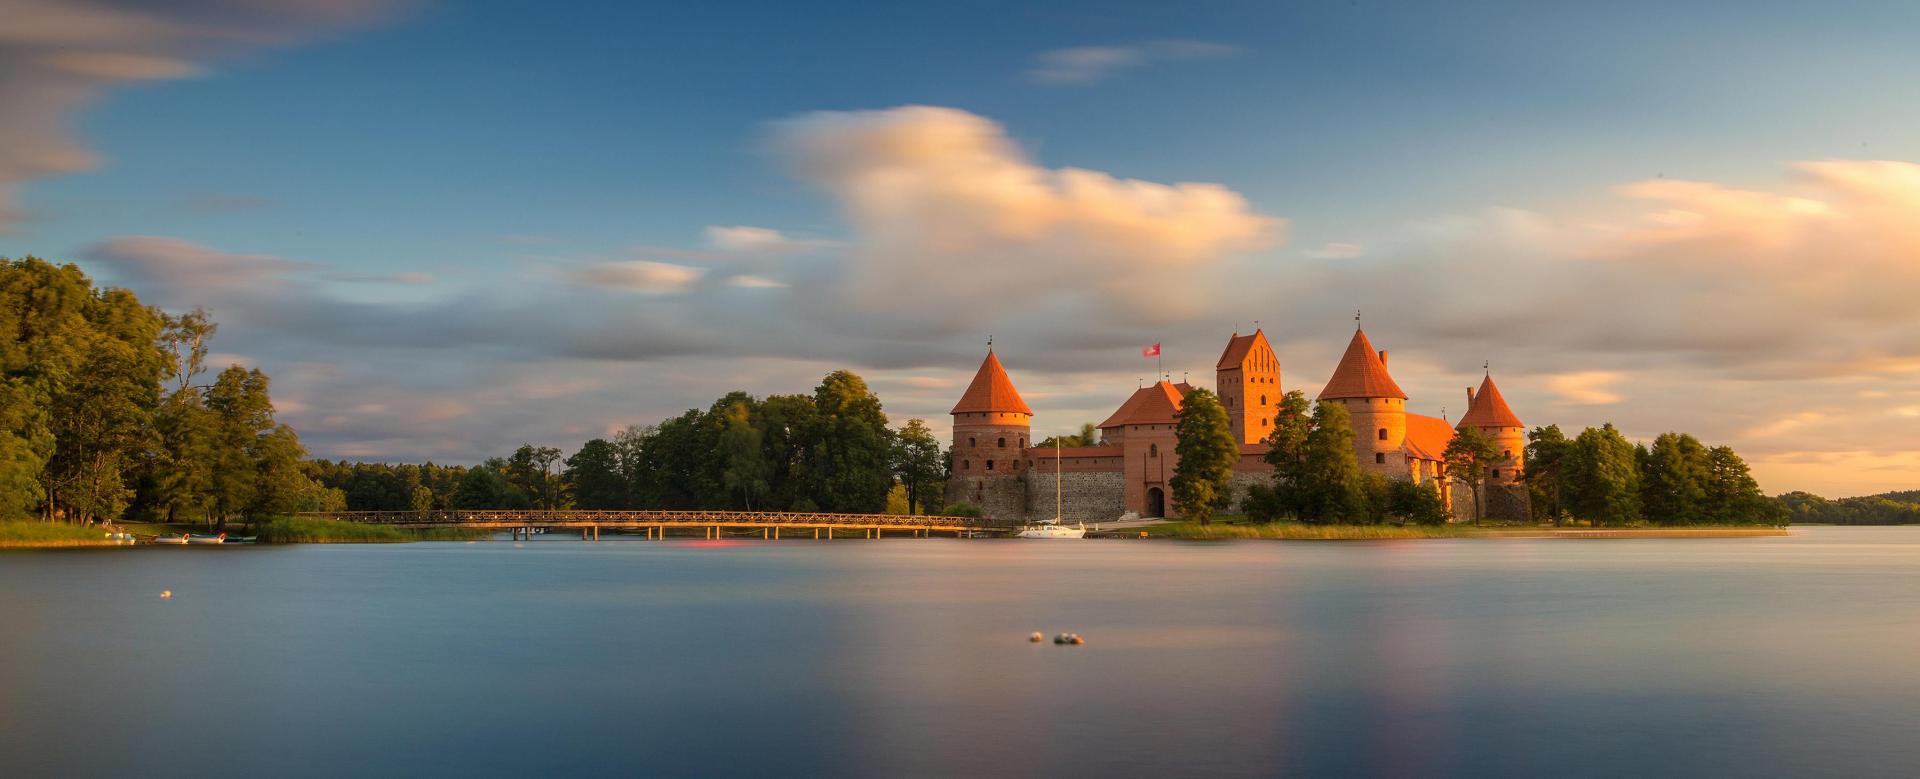 Voyage à pied Lituanie : Pays baltes, joyaux de la baltique